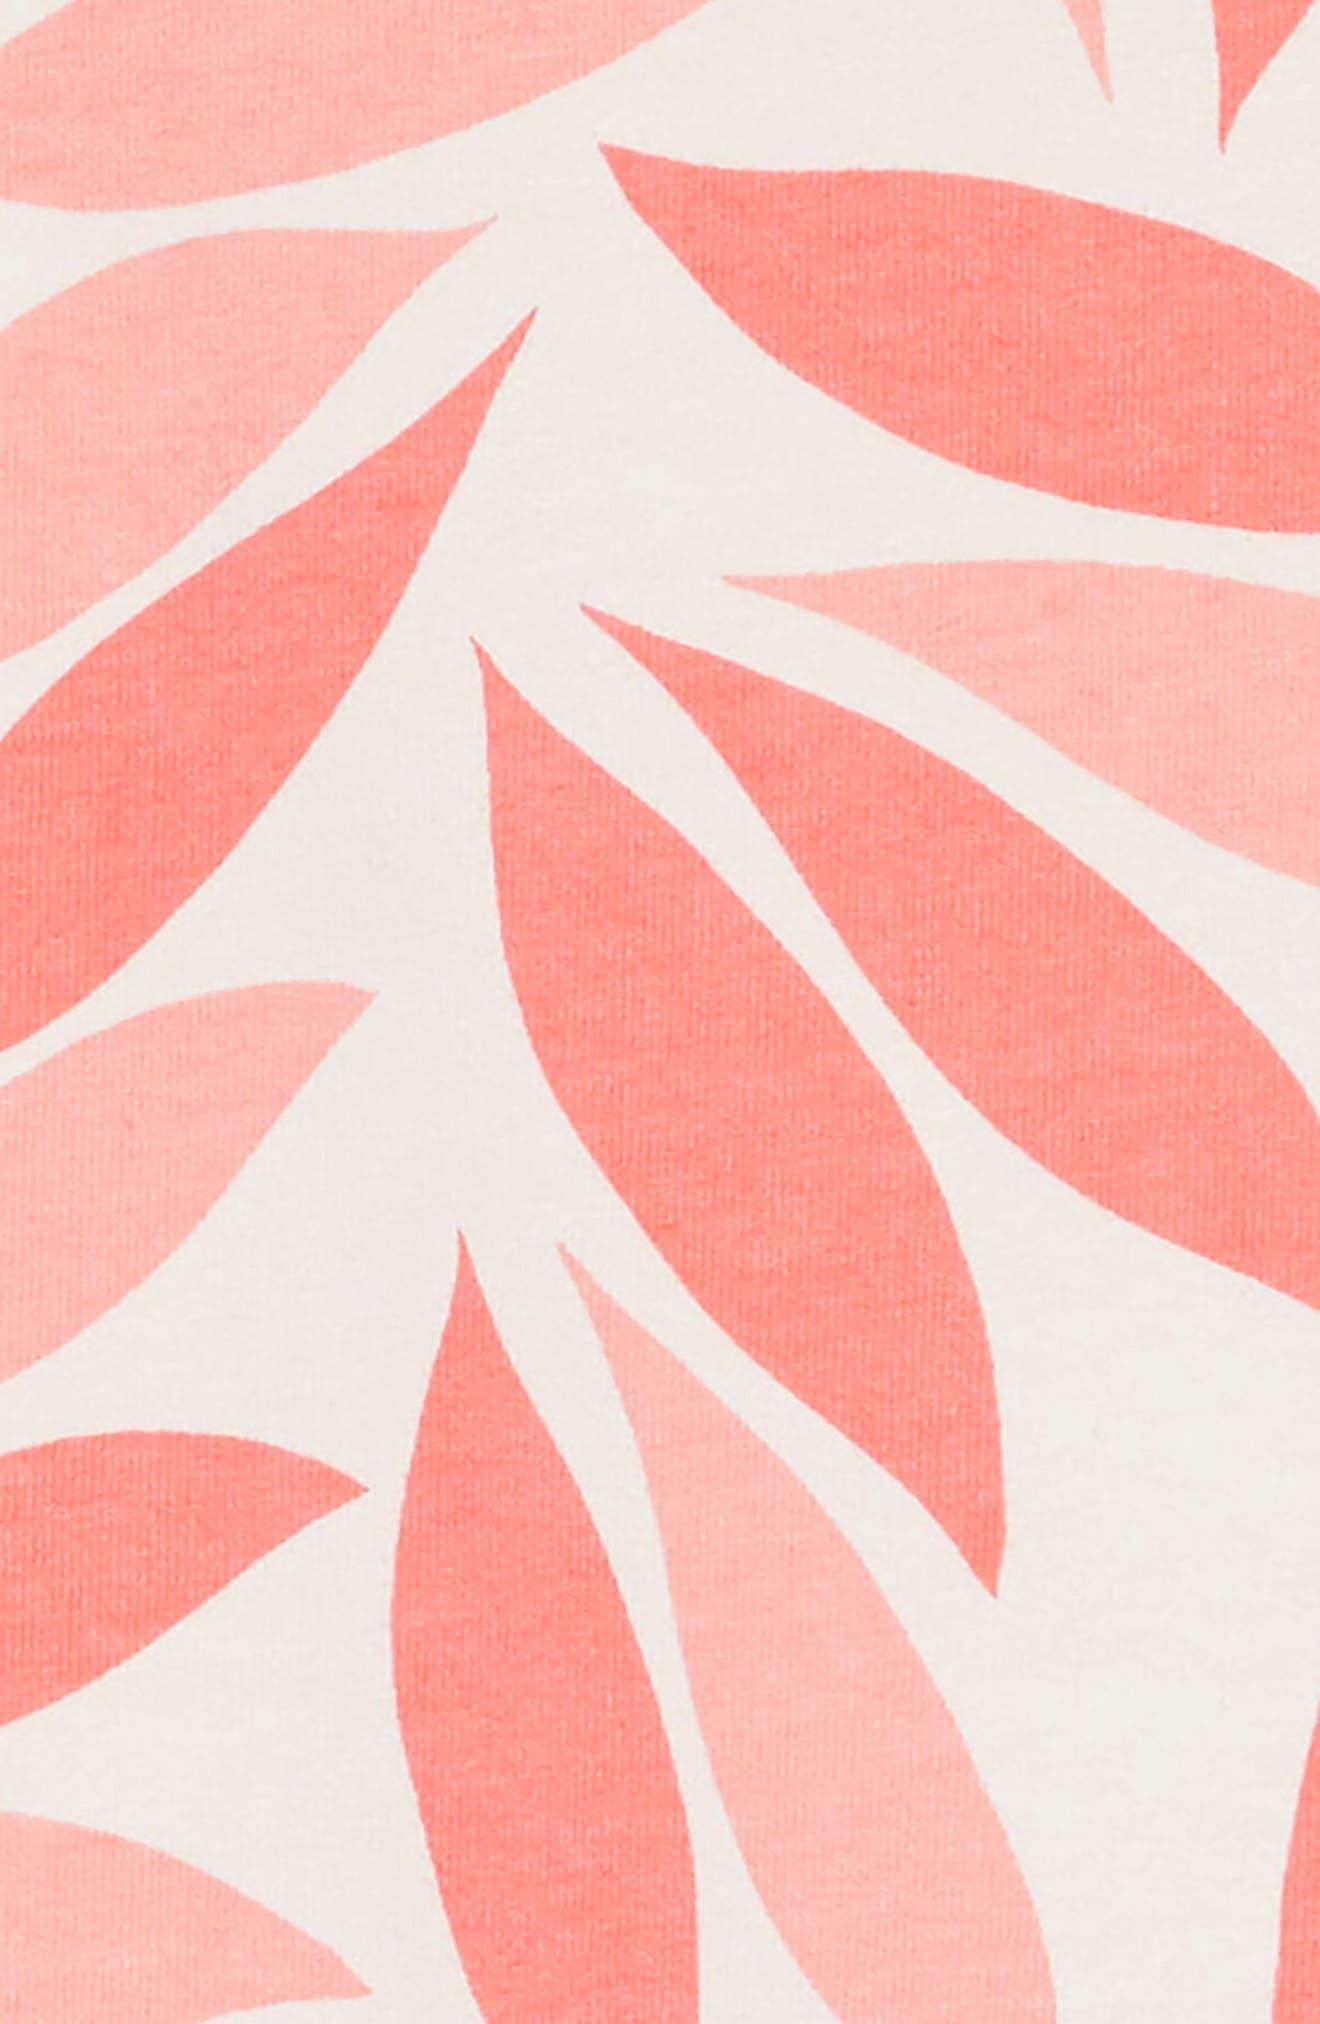 Coral Petal Ruffle Hem Dress,                             Alternate thumbnail 3, color,                             AZALEA MULTI